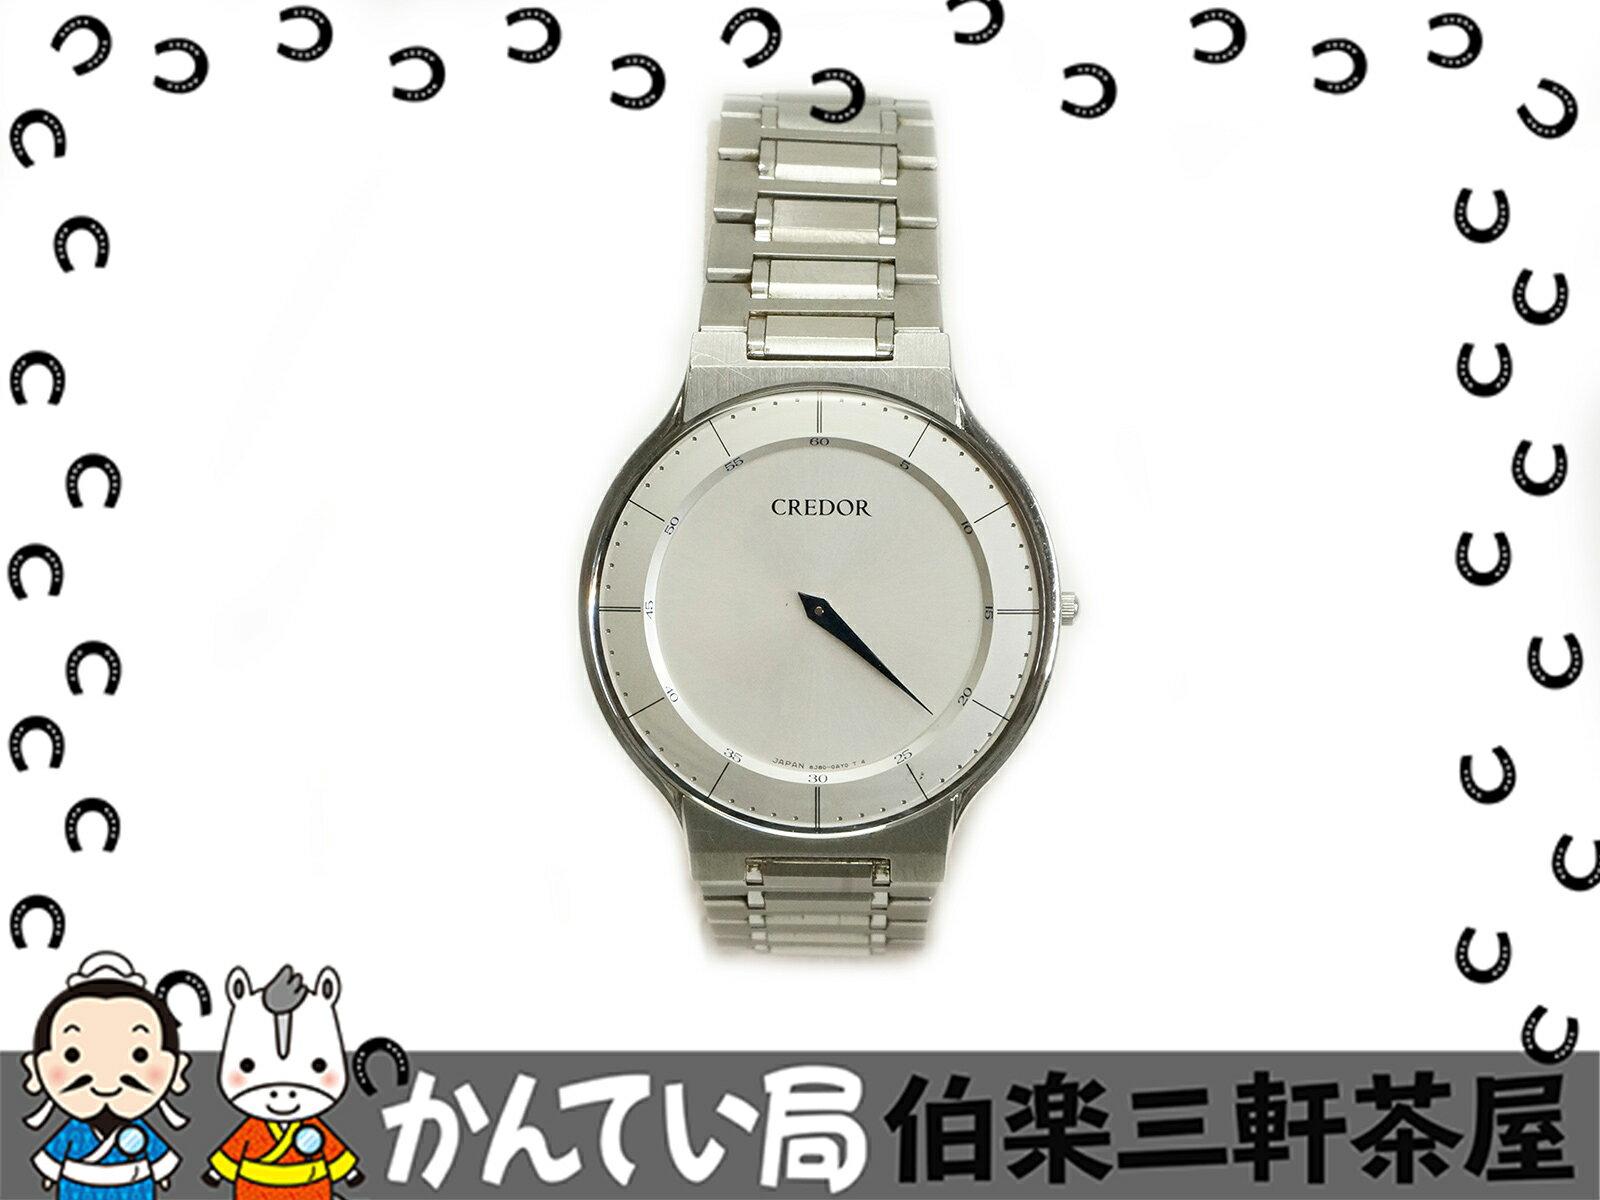 SEIKO(セイコー)クレドール 8J80-0AD0 シルバー文字盤 SS クオーツ メンズ腕時計【中古】